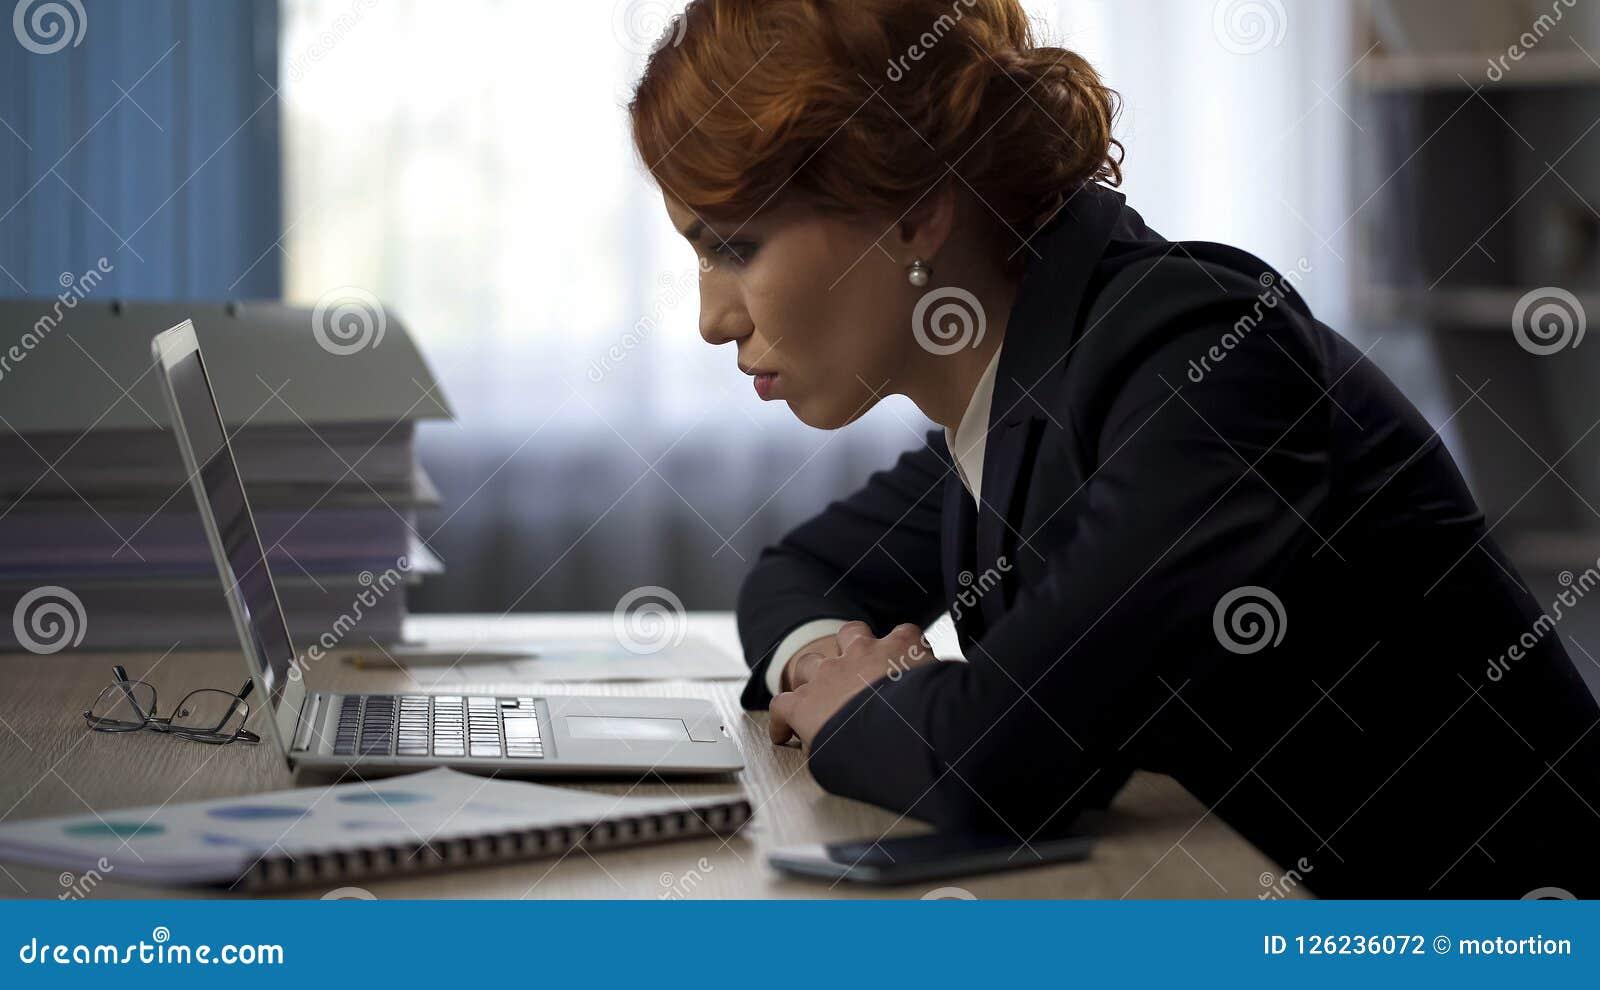 Trött affärskvinna som arbetar se hårt hela natten den färdiga rapporten, stopptid